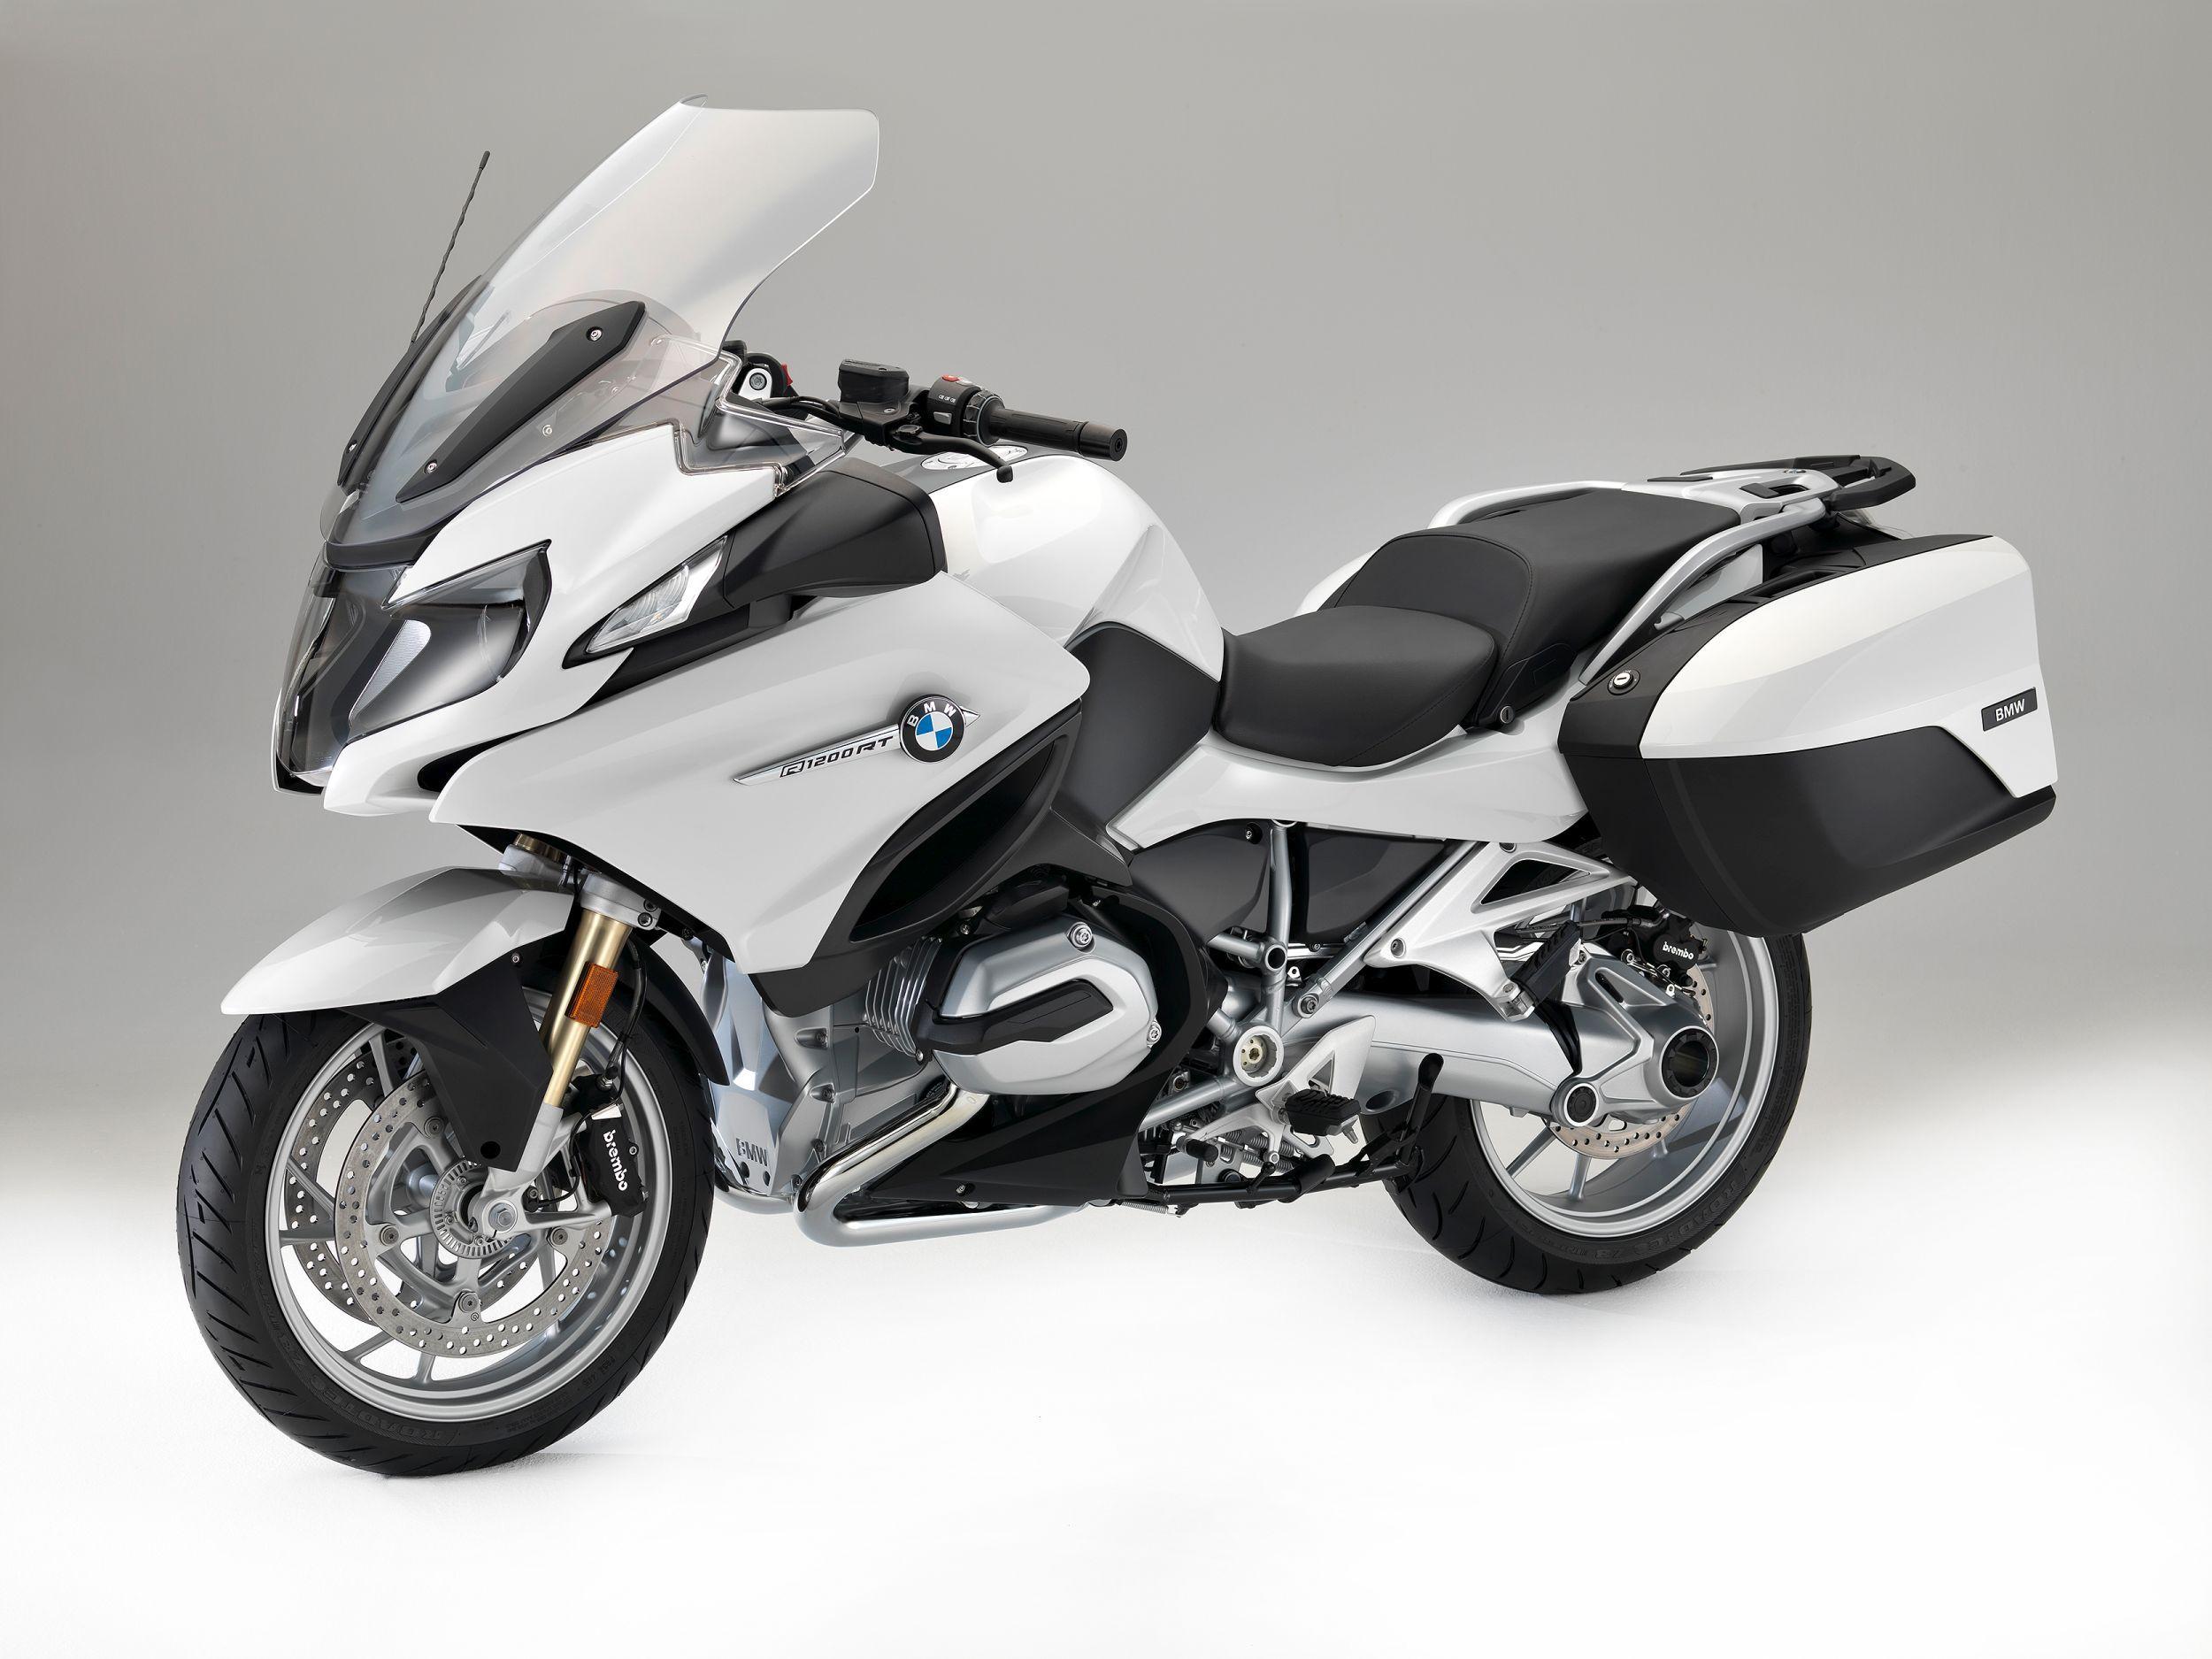 Bmw 3 2018 >> BMW R 1200 RT - Test, Gebrauchte, Bilder, technische Daten